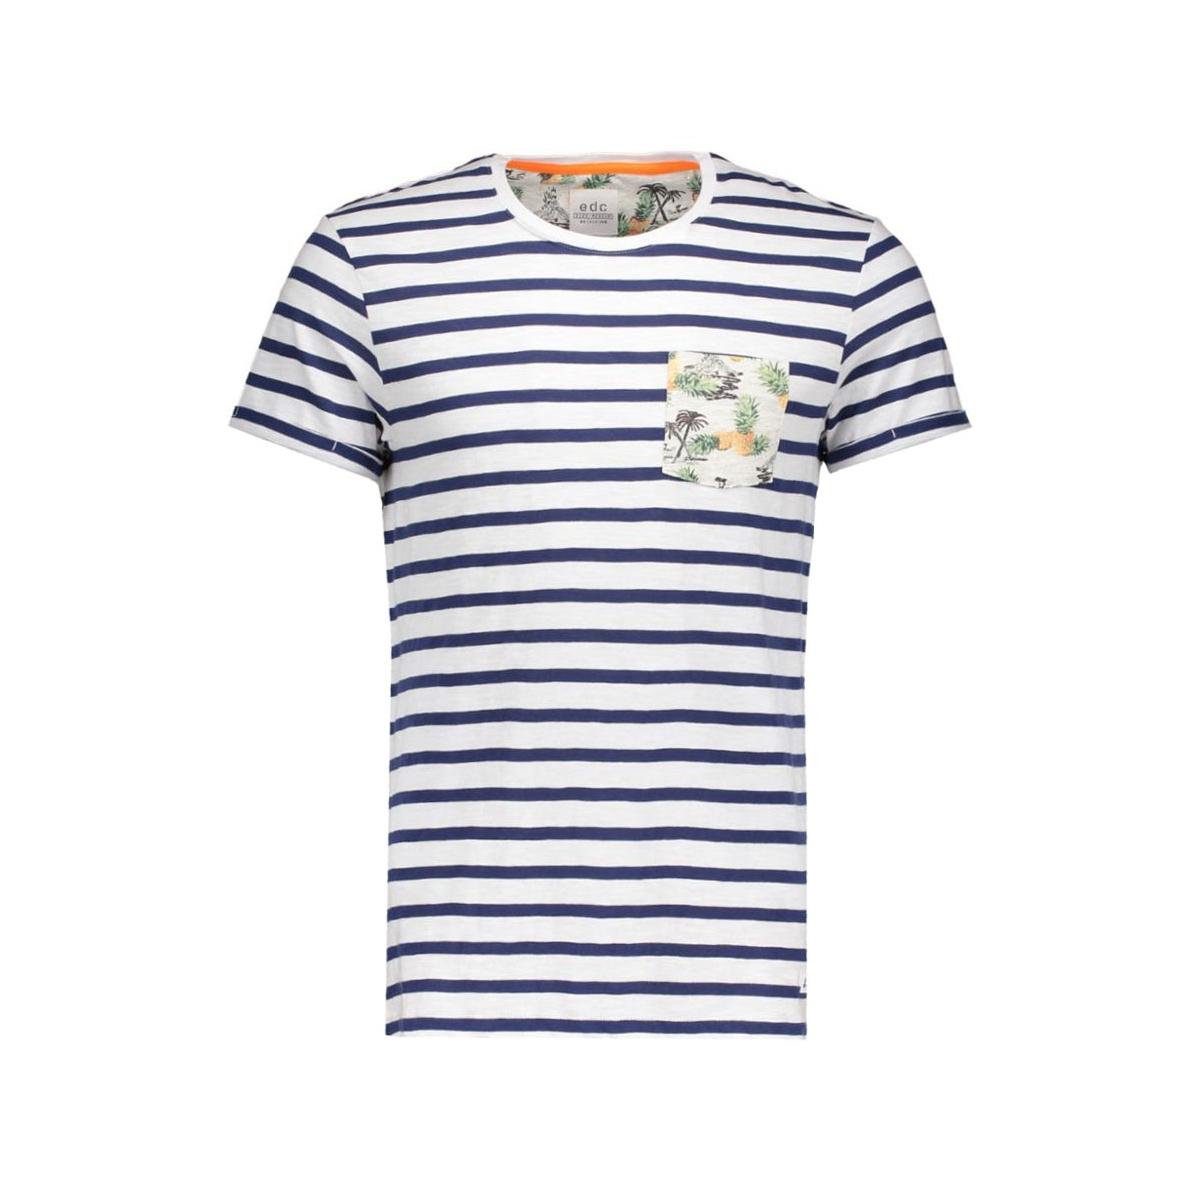 056cc2k001 edc t-shirt c100